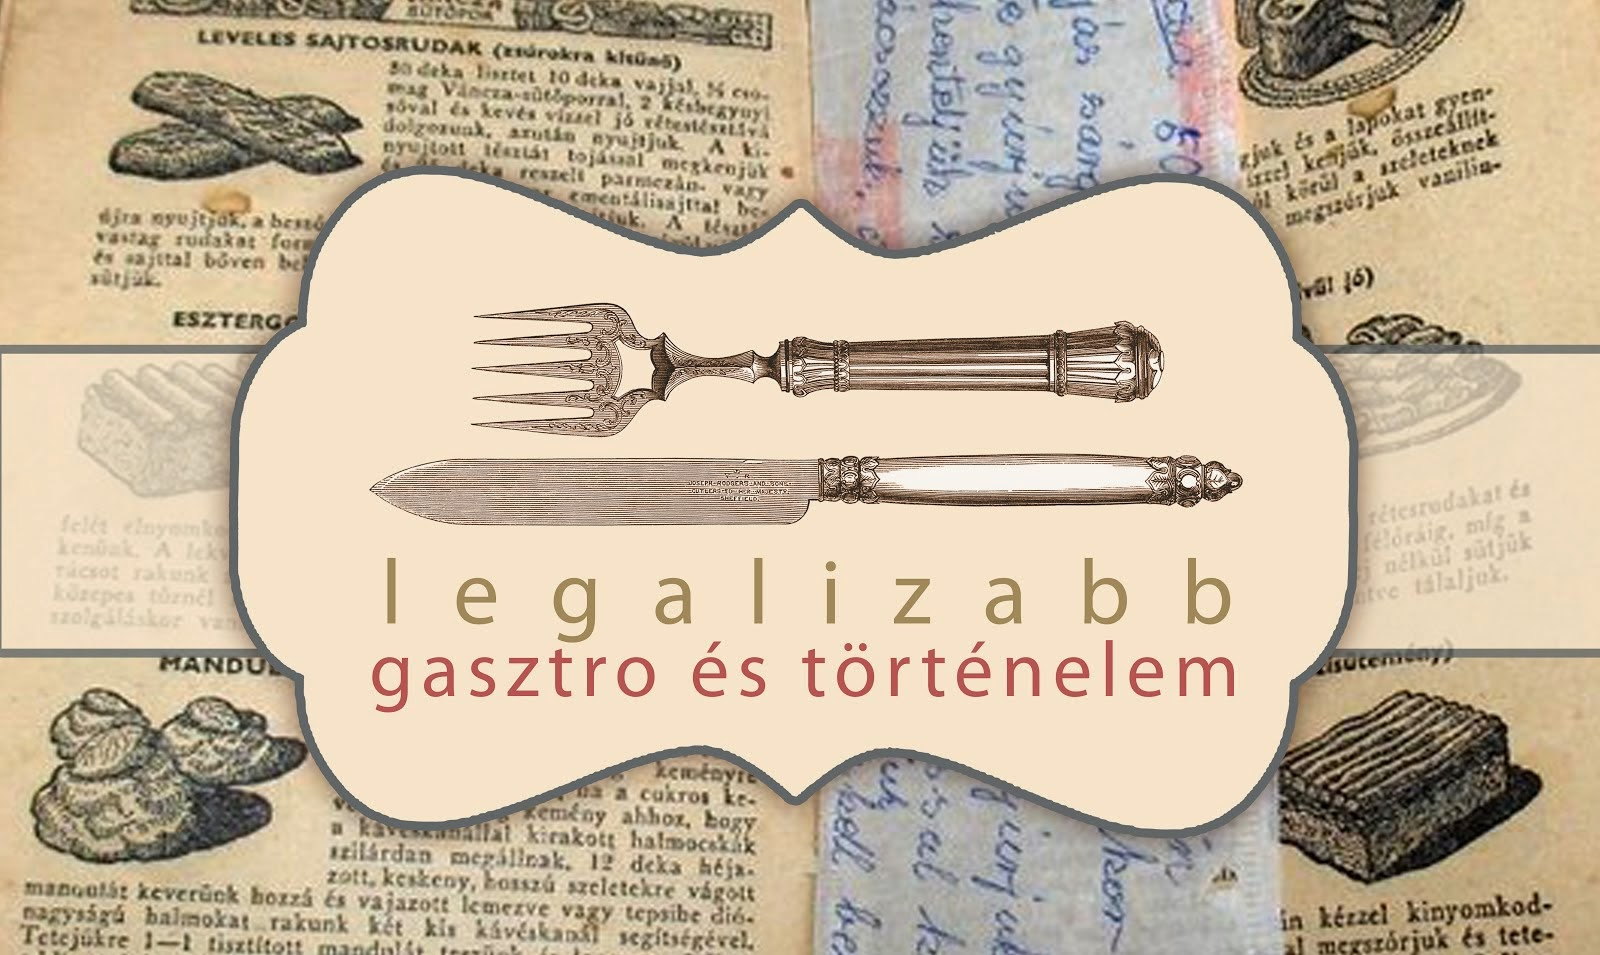 legalizabb gasztro és történelem